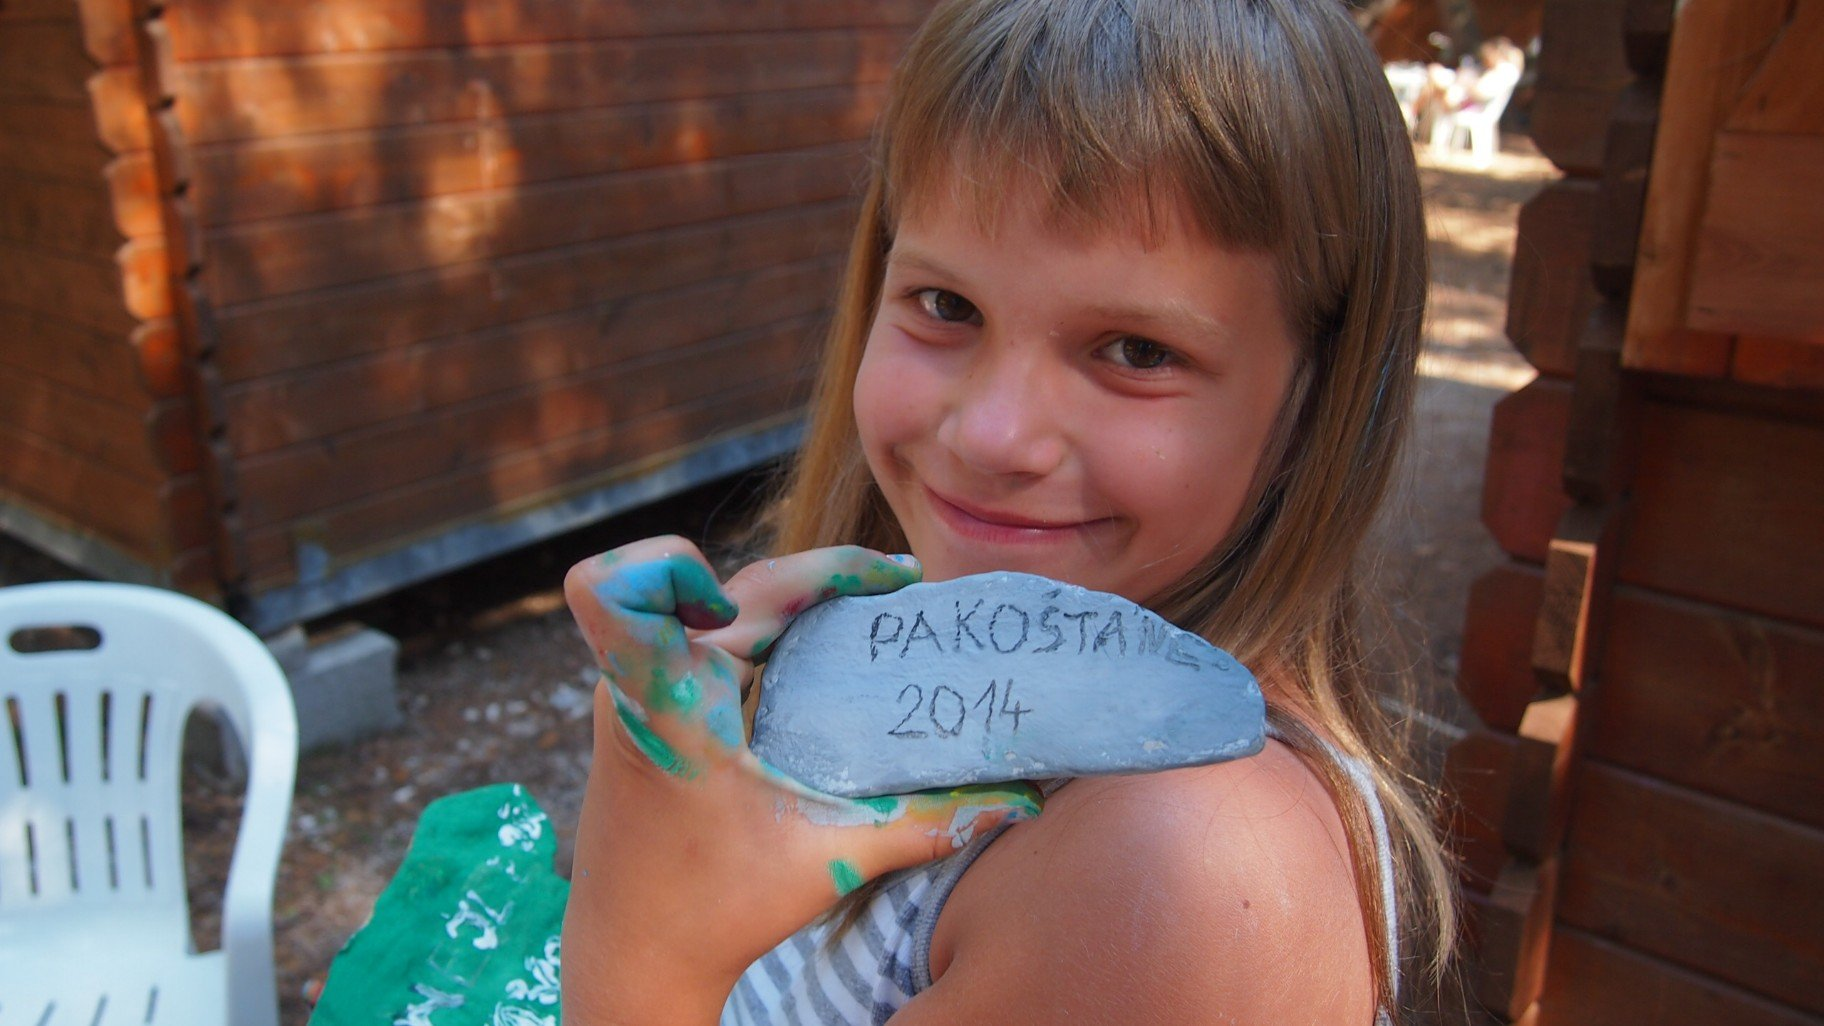 Pakoštane - family week dílničky kreslení na kámen